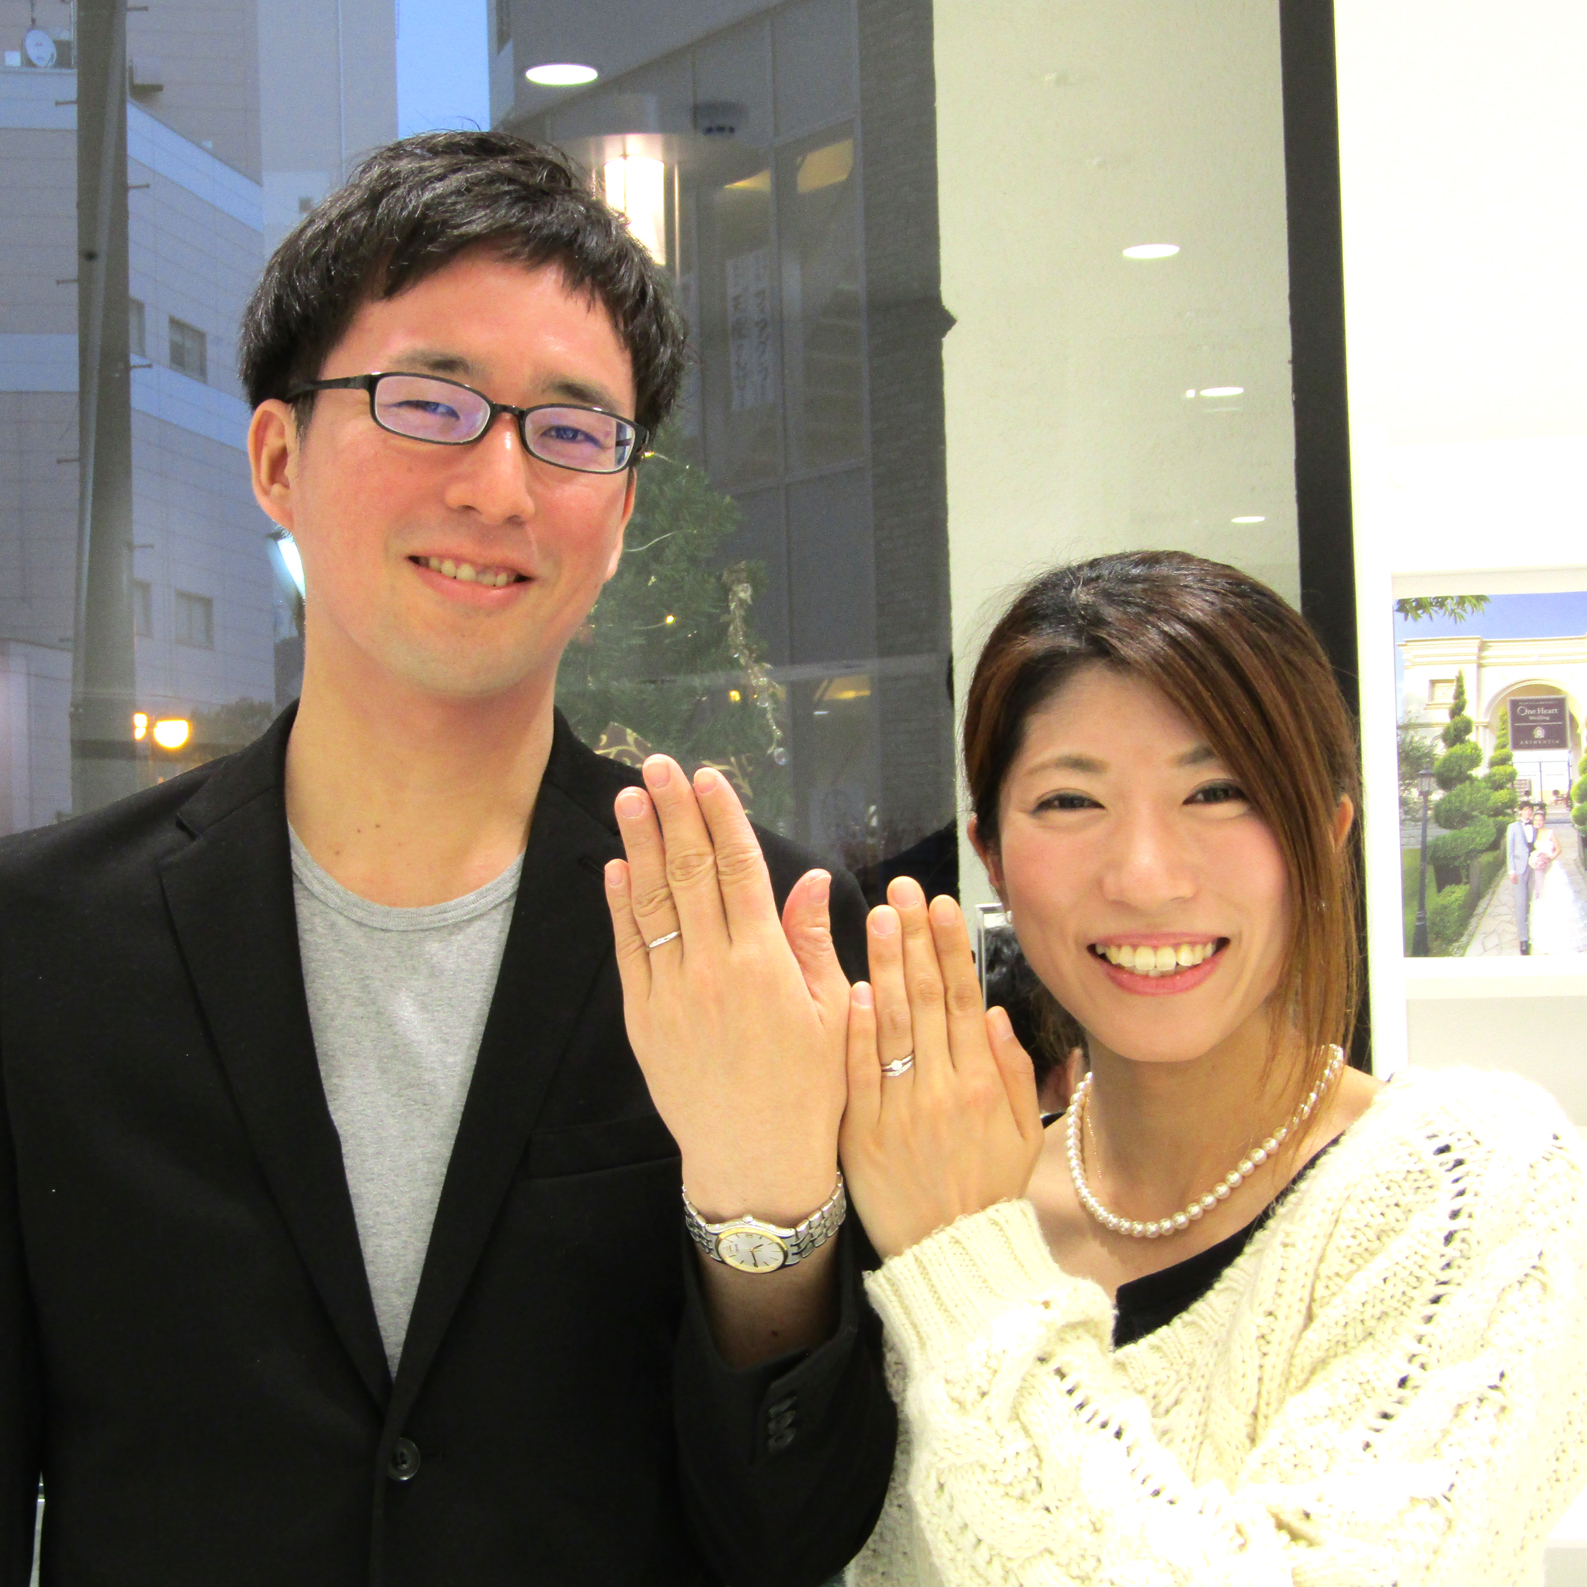 >笑顔が素敵なお2人♡N様の首元には純白のパールネックレス、とてもお似合いです!